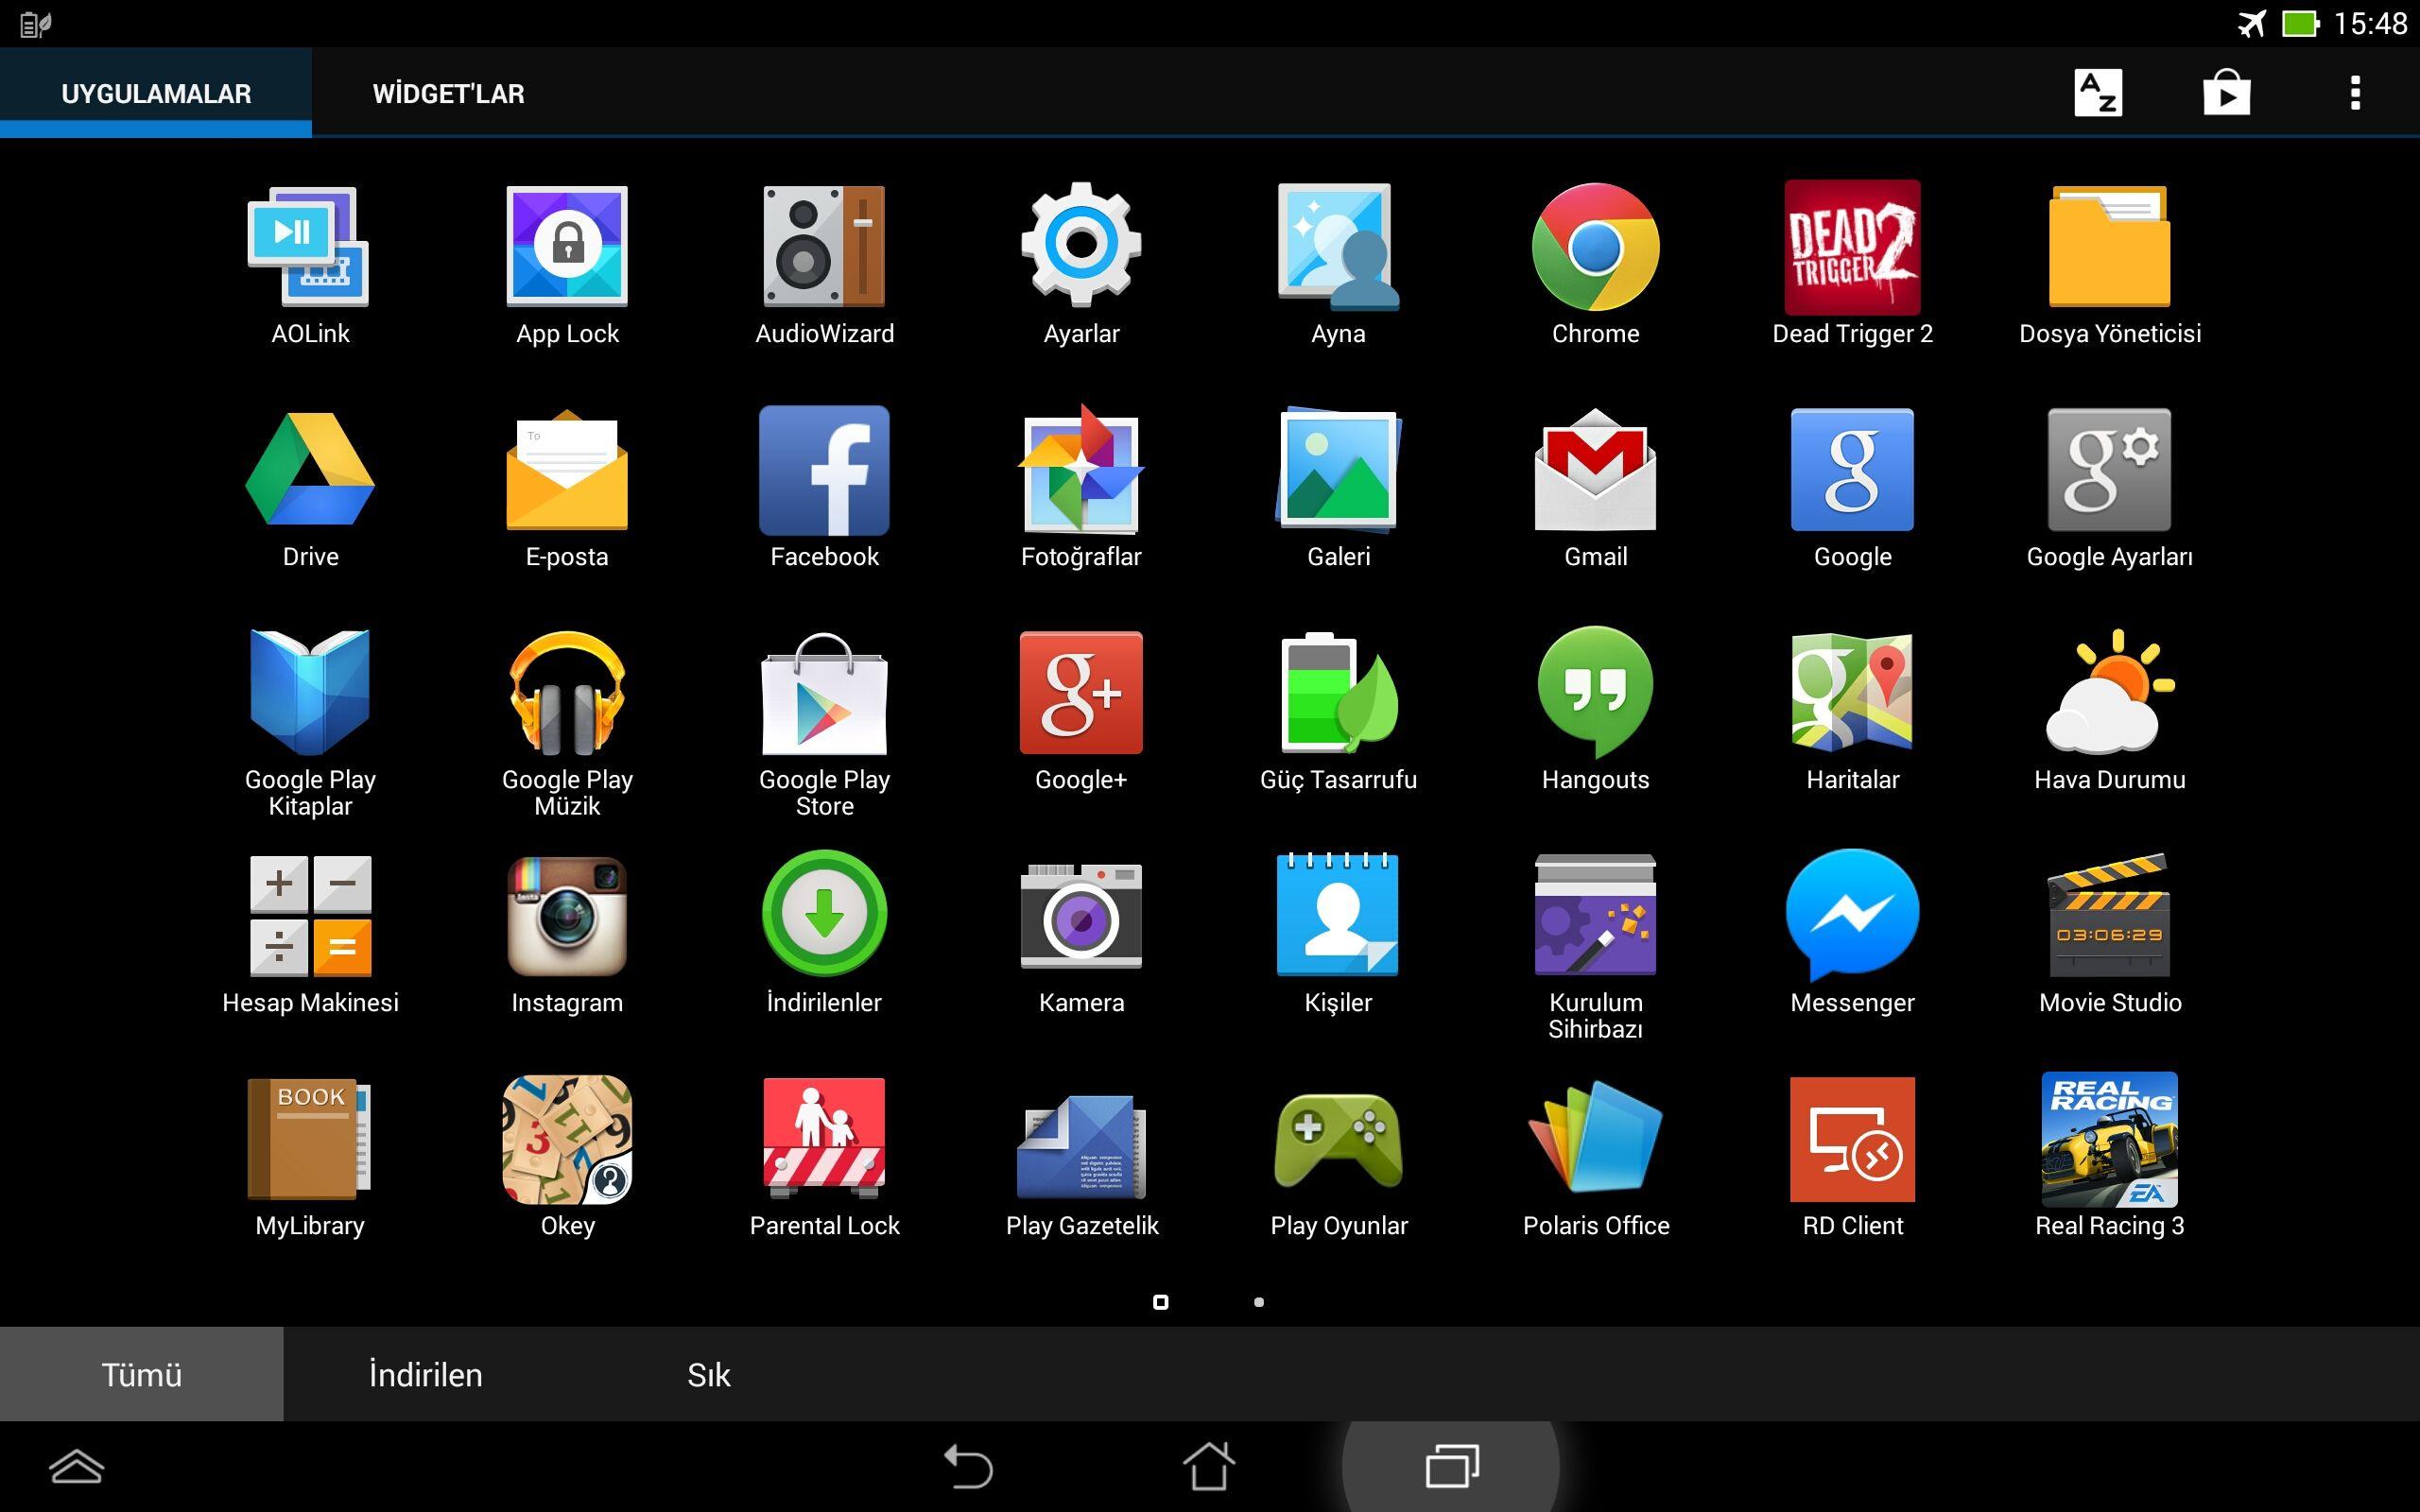 screenshot_2014-05-29-15-48-37-jpg.3726